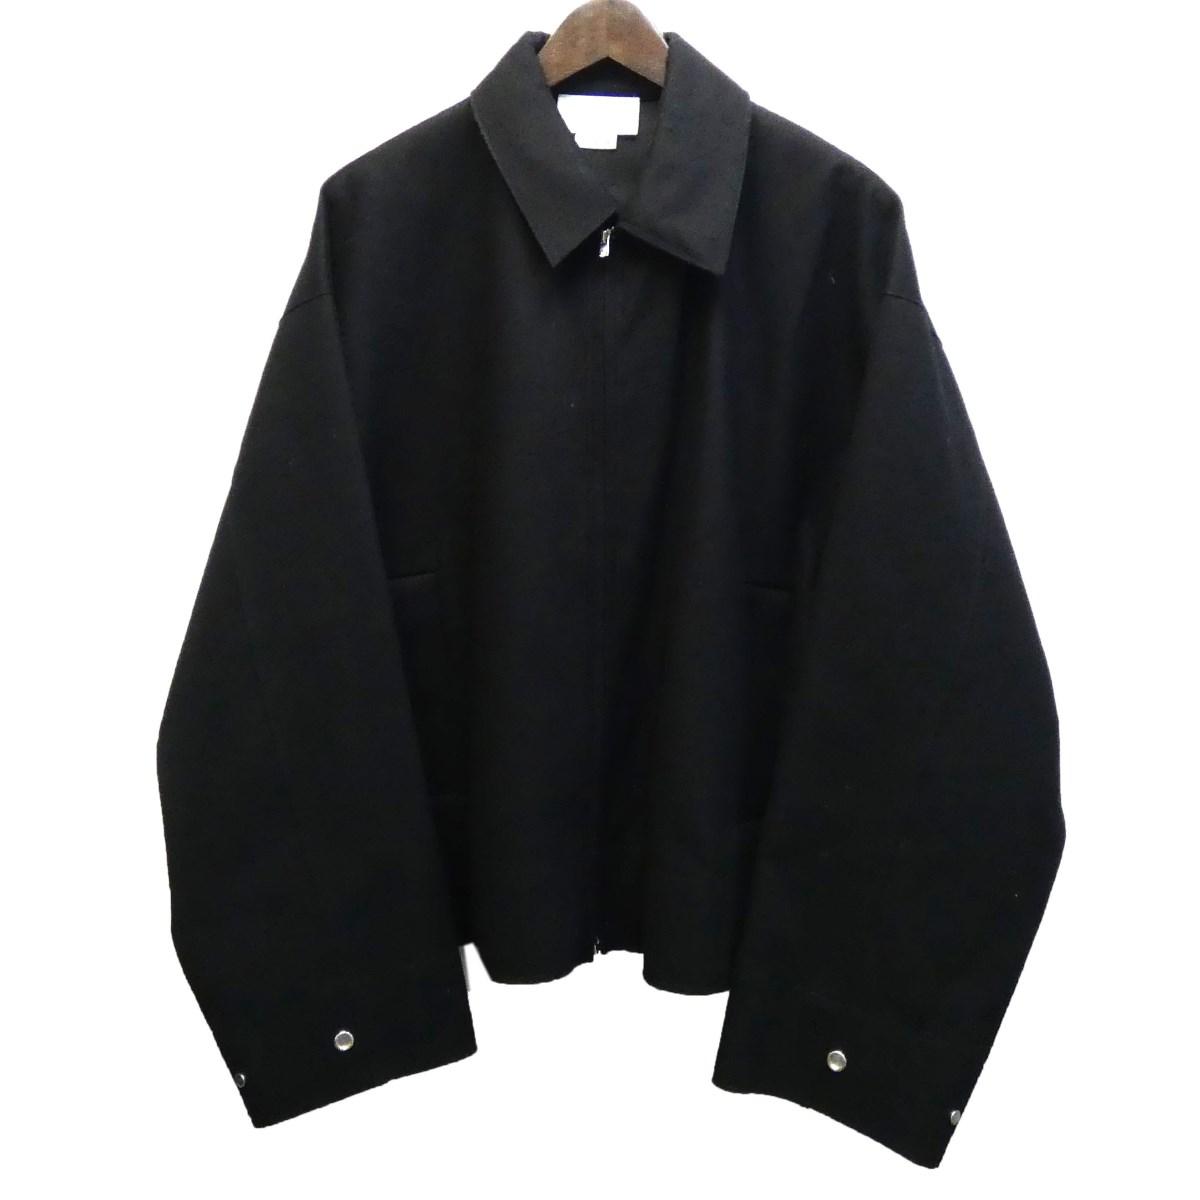 【中古】YOKE 18AW SO JOHN別注 カットオフジャケット ブラック サイズ:S 【100520】(ヨーク)